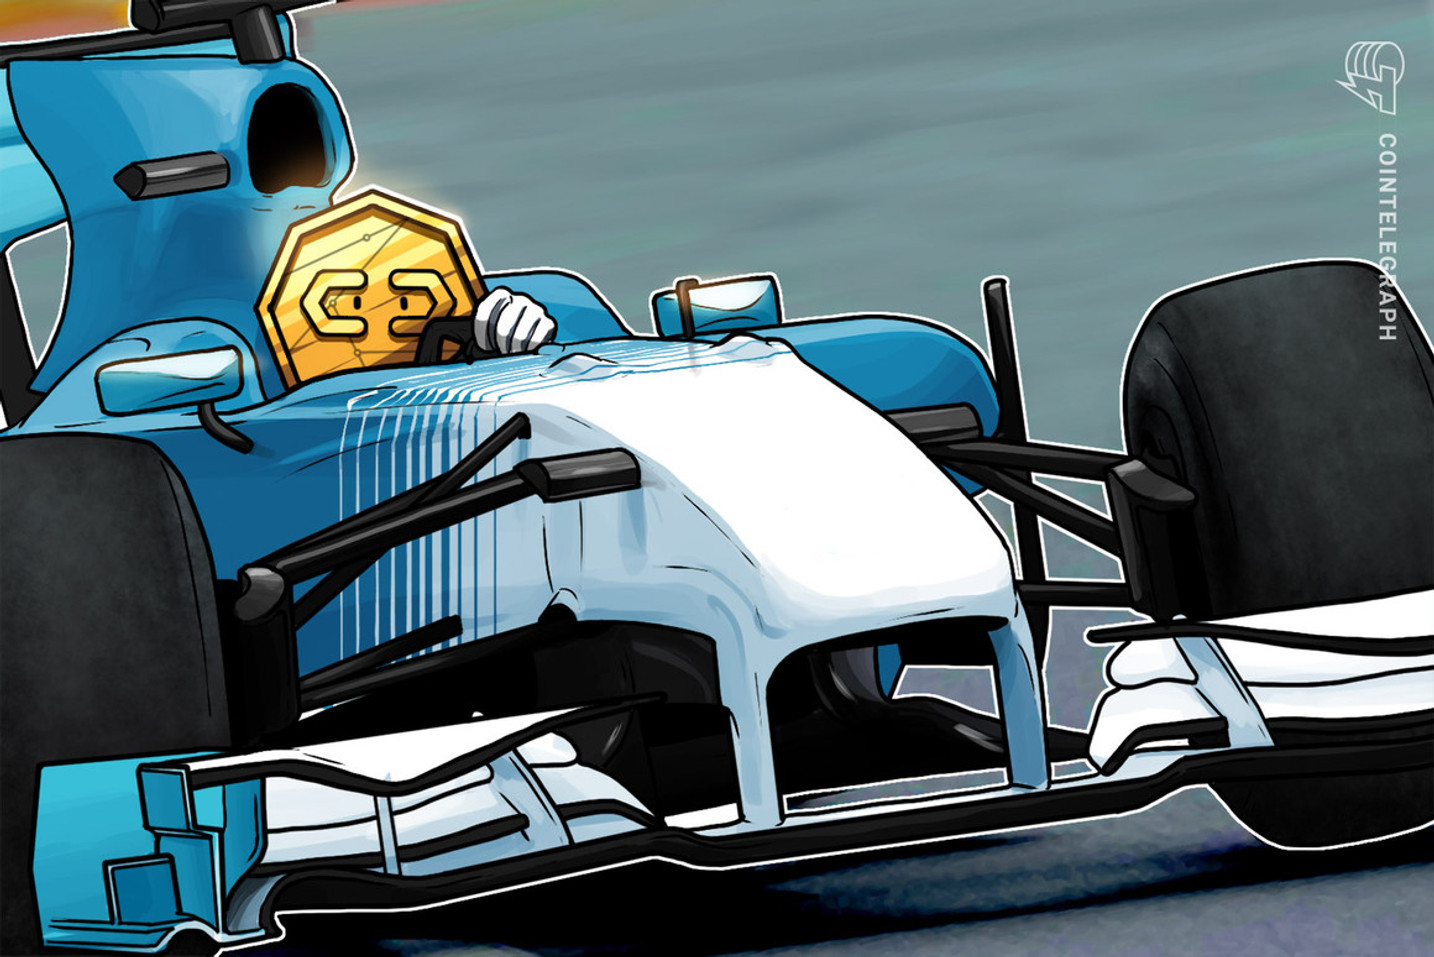 McLaren Racing, Türk kripto şirketiyle iş birliği yaptı!